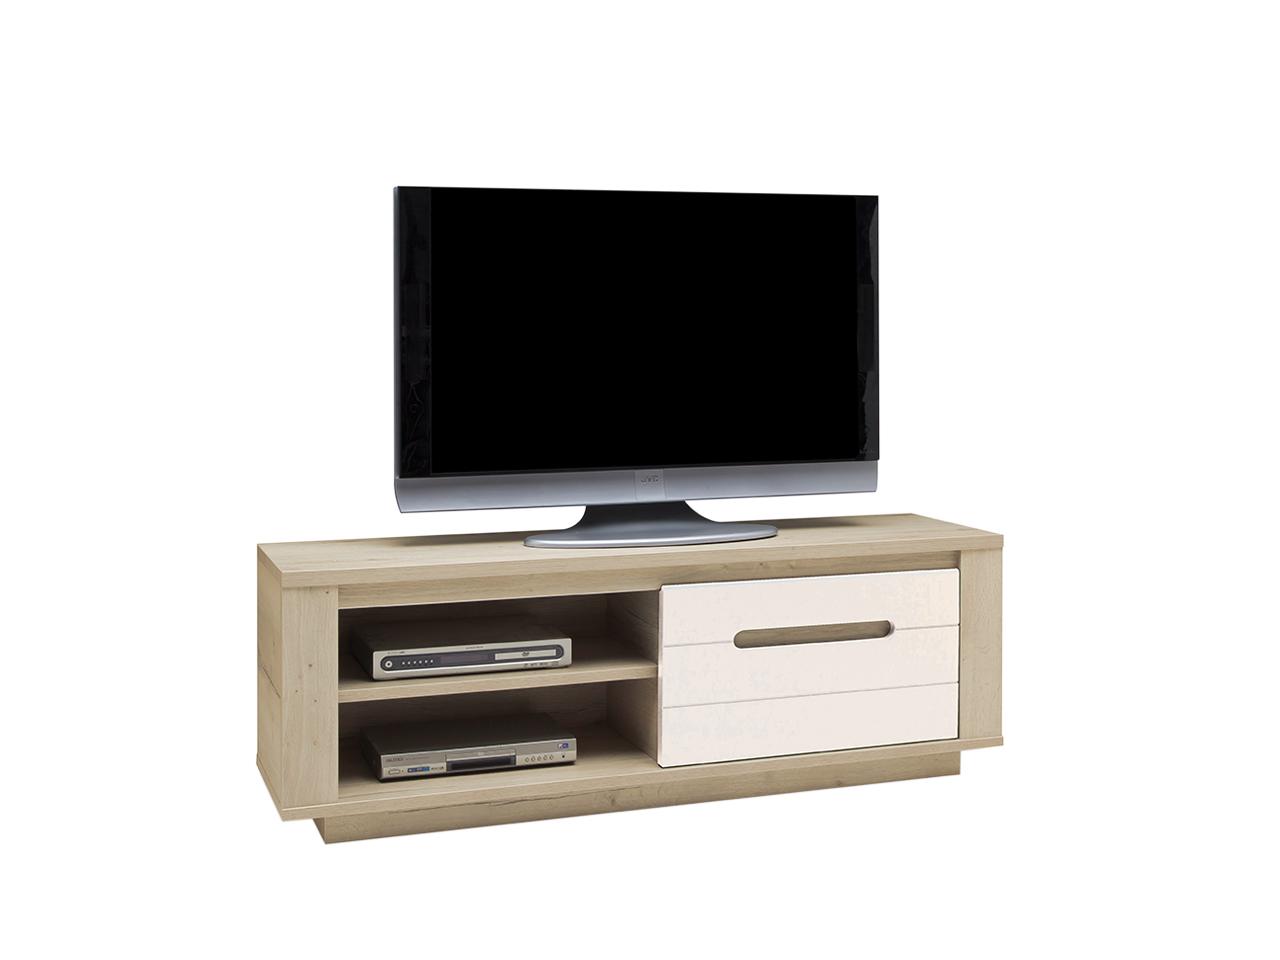 meubles tv himalaya l140 perle blanc